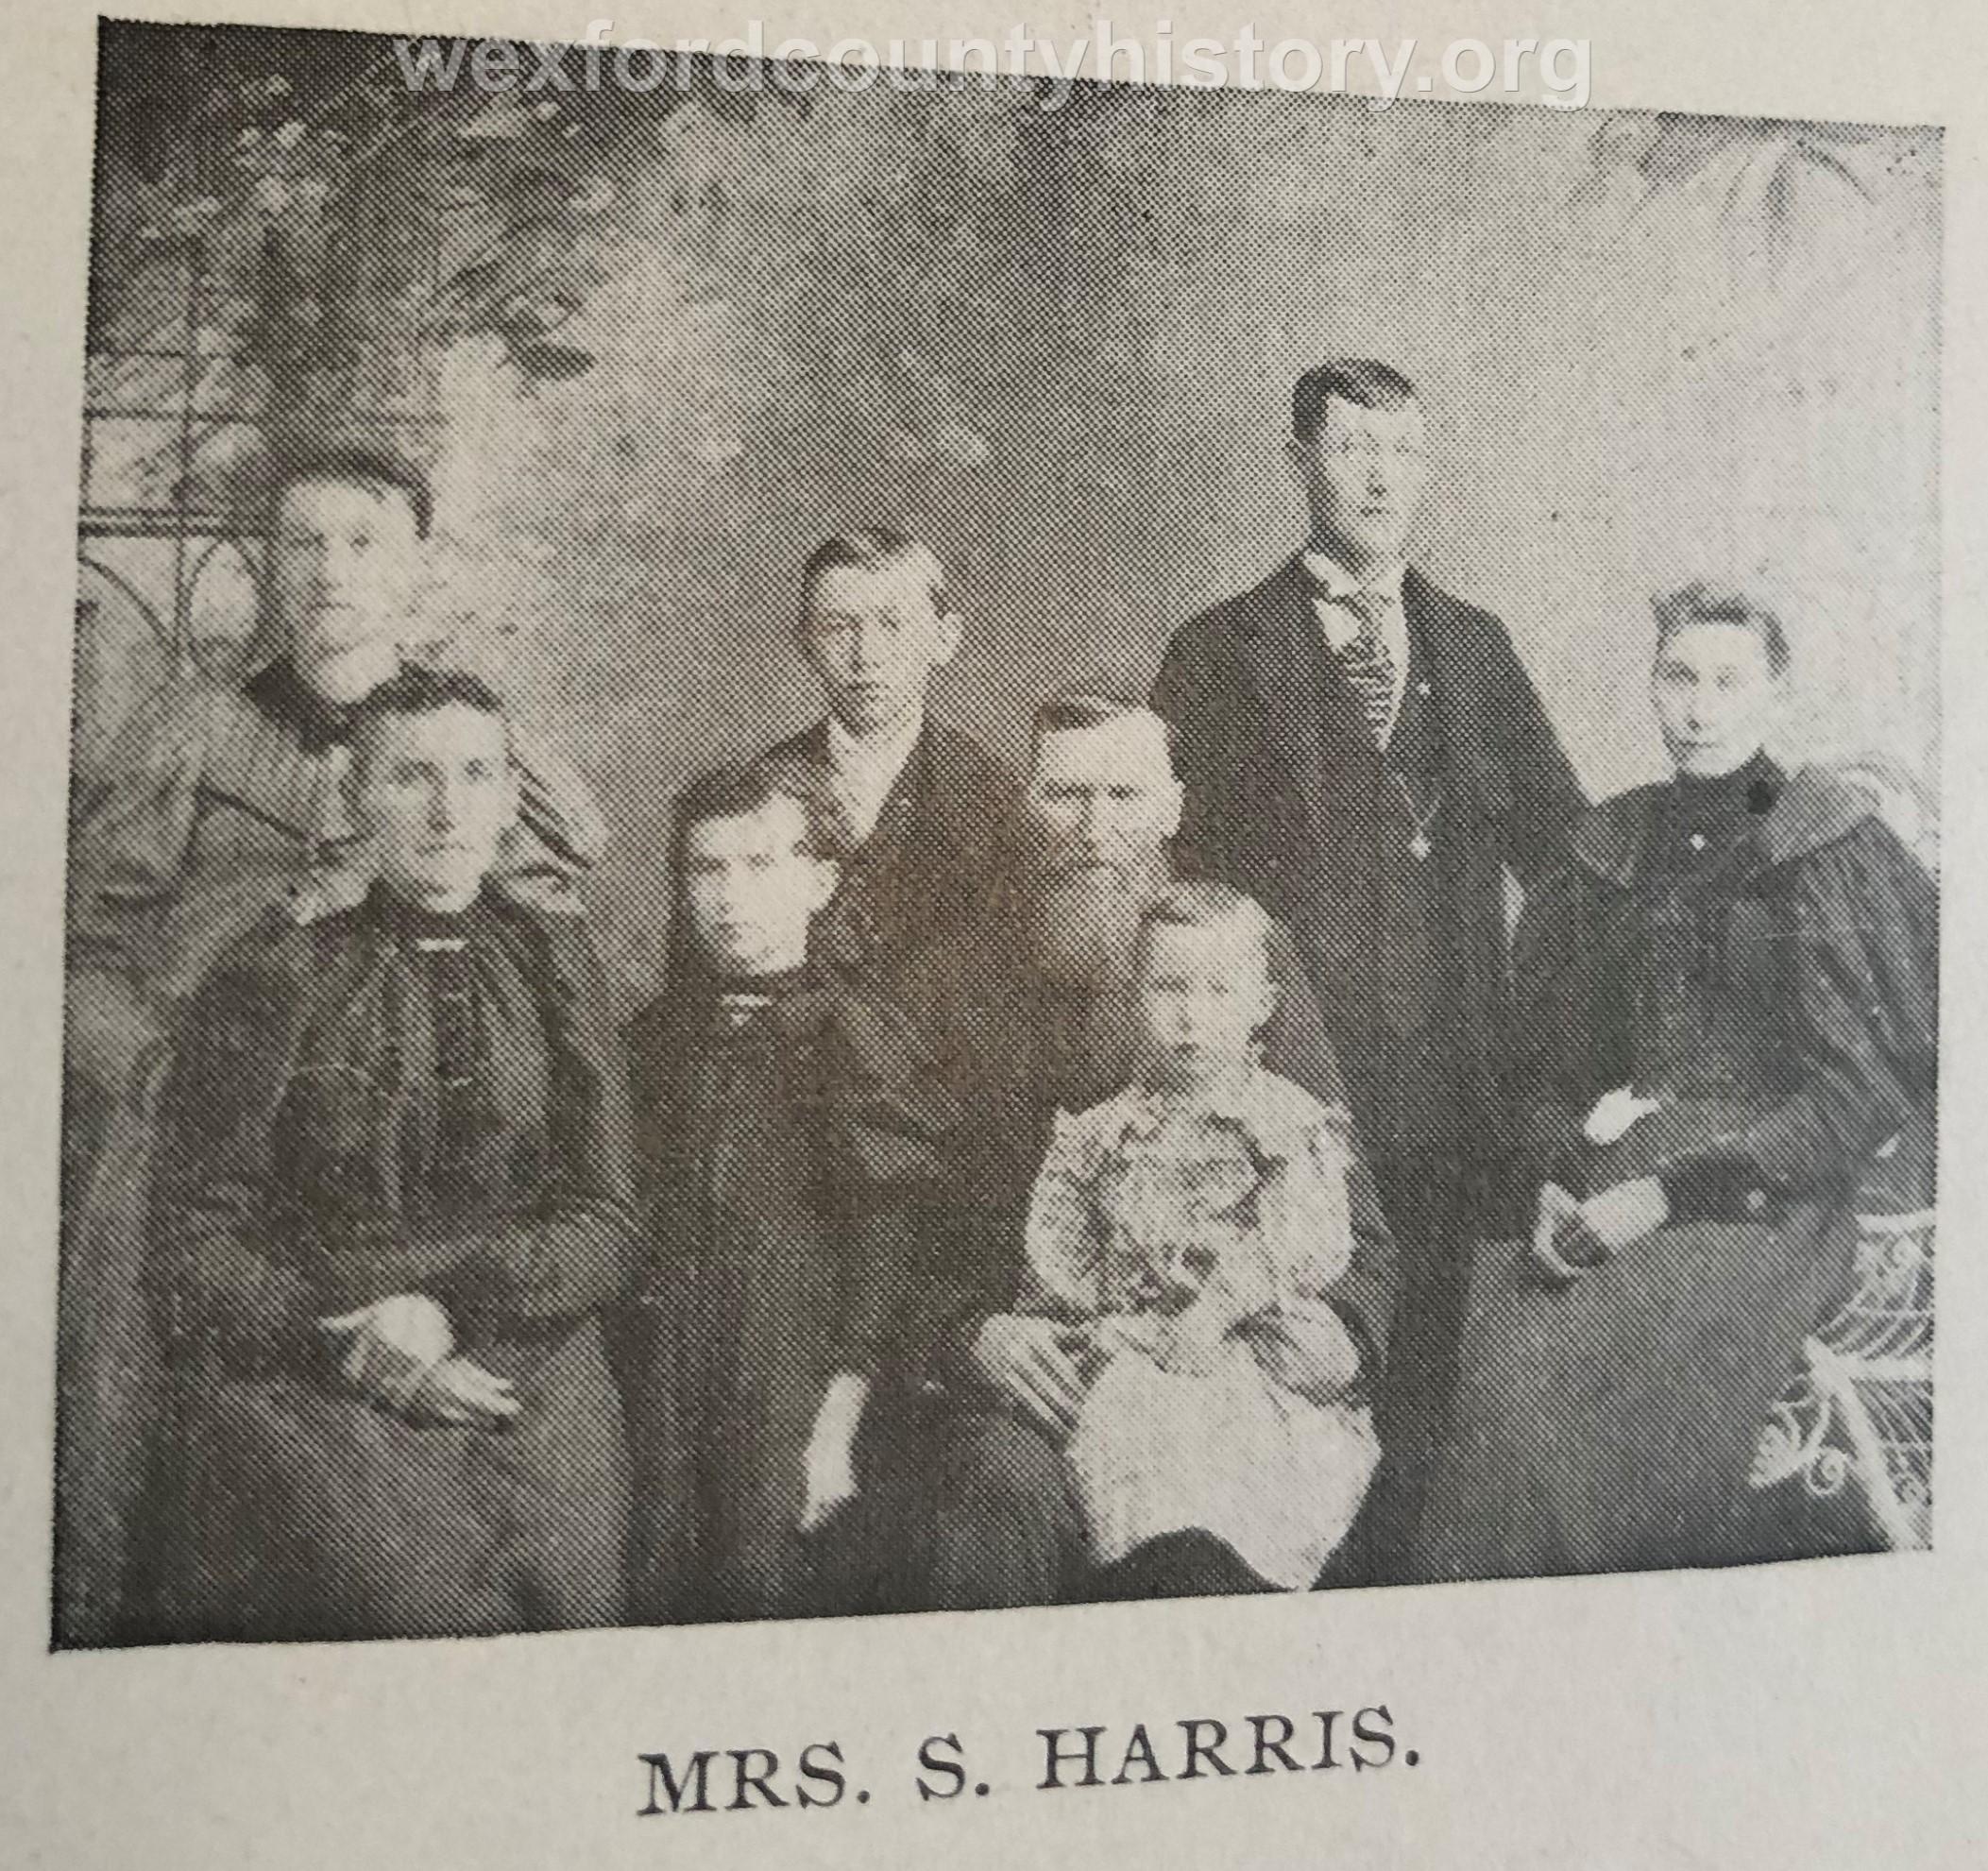 S. Harris Family